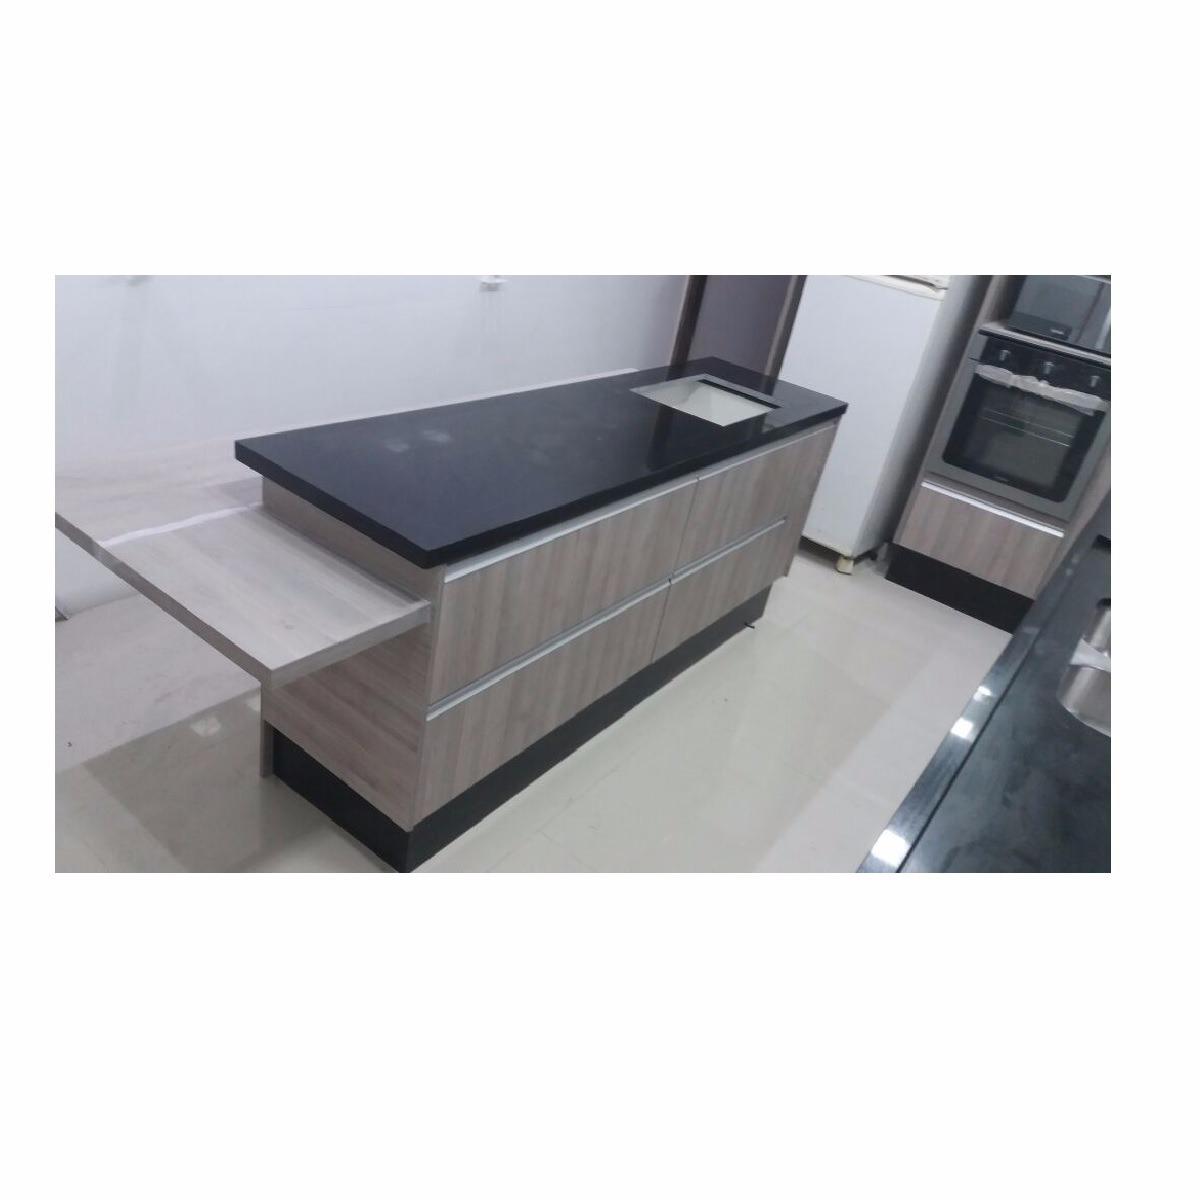 Bancada De Granito Cozinha Cozinha No Mercado Livre Brasil ~ Bancada Cozinha Granito Preto